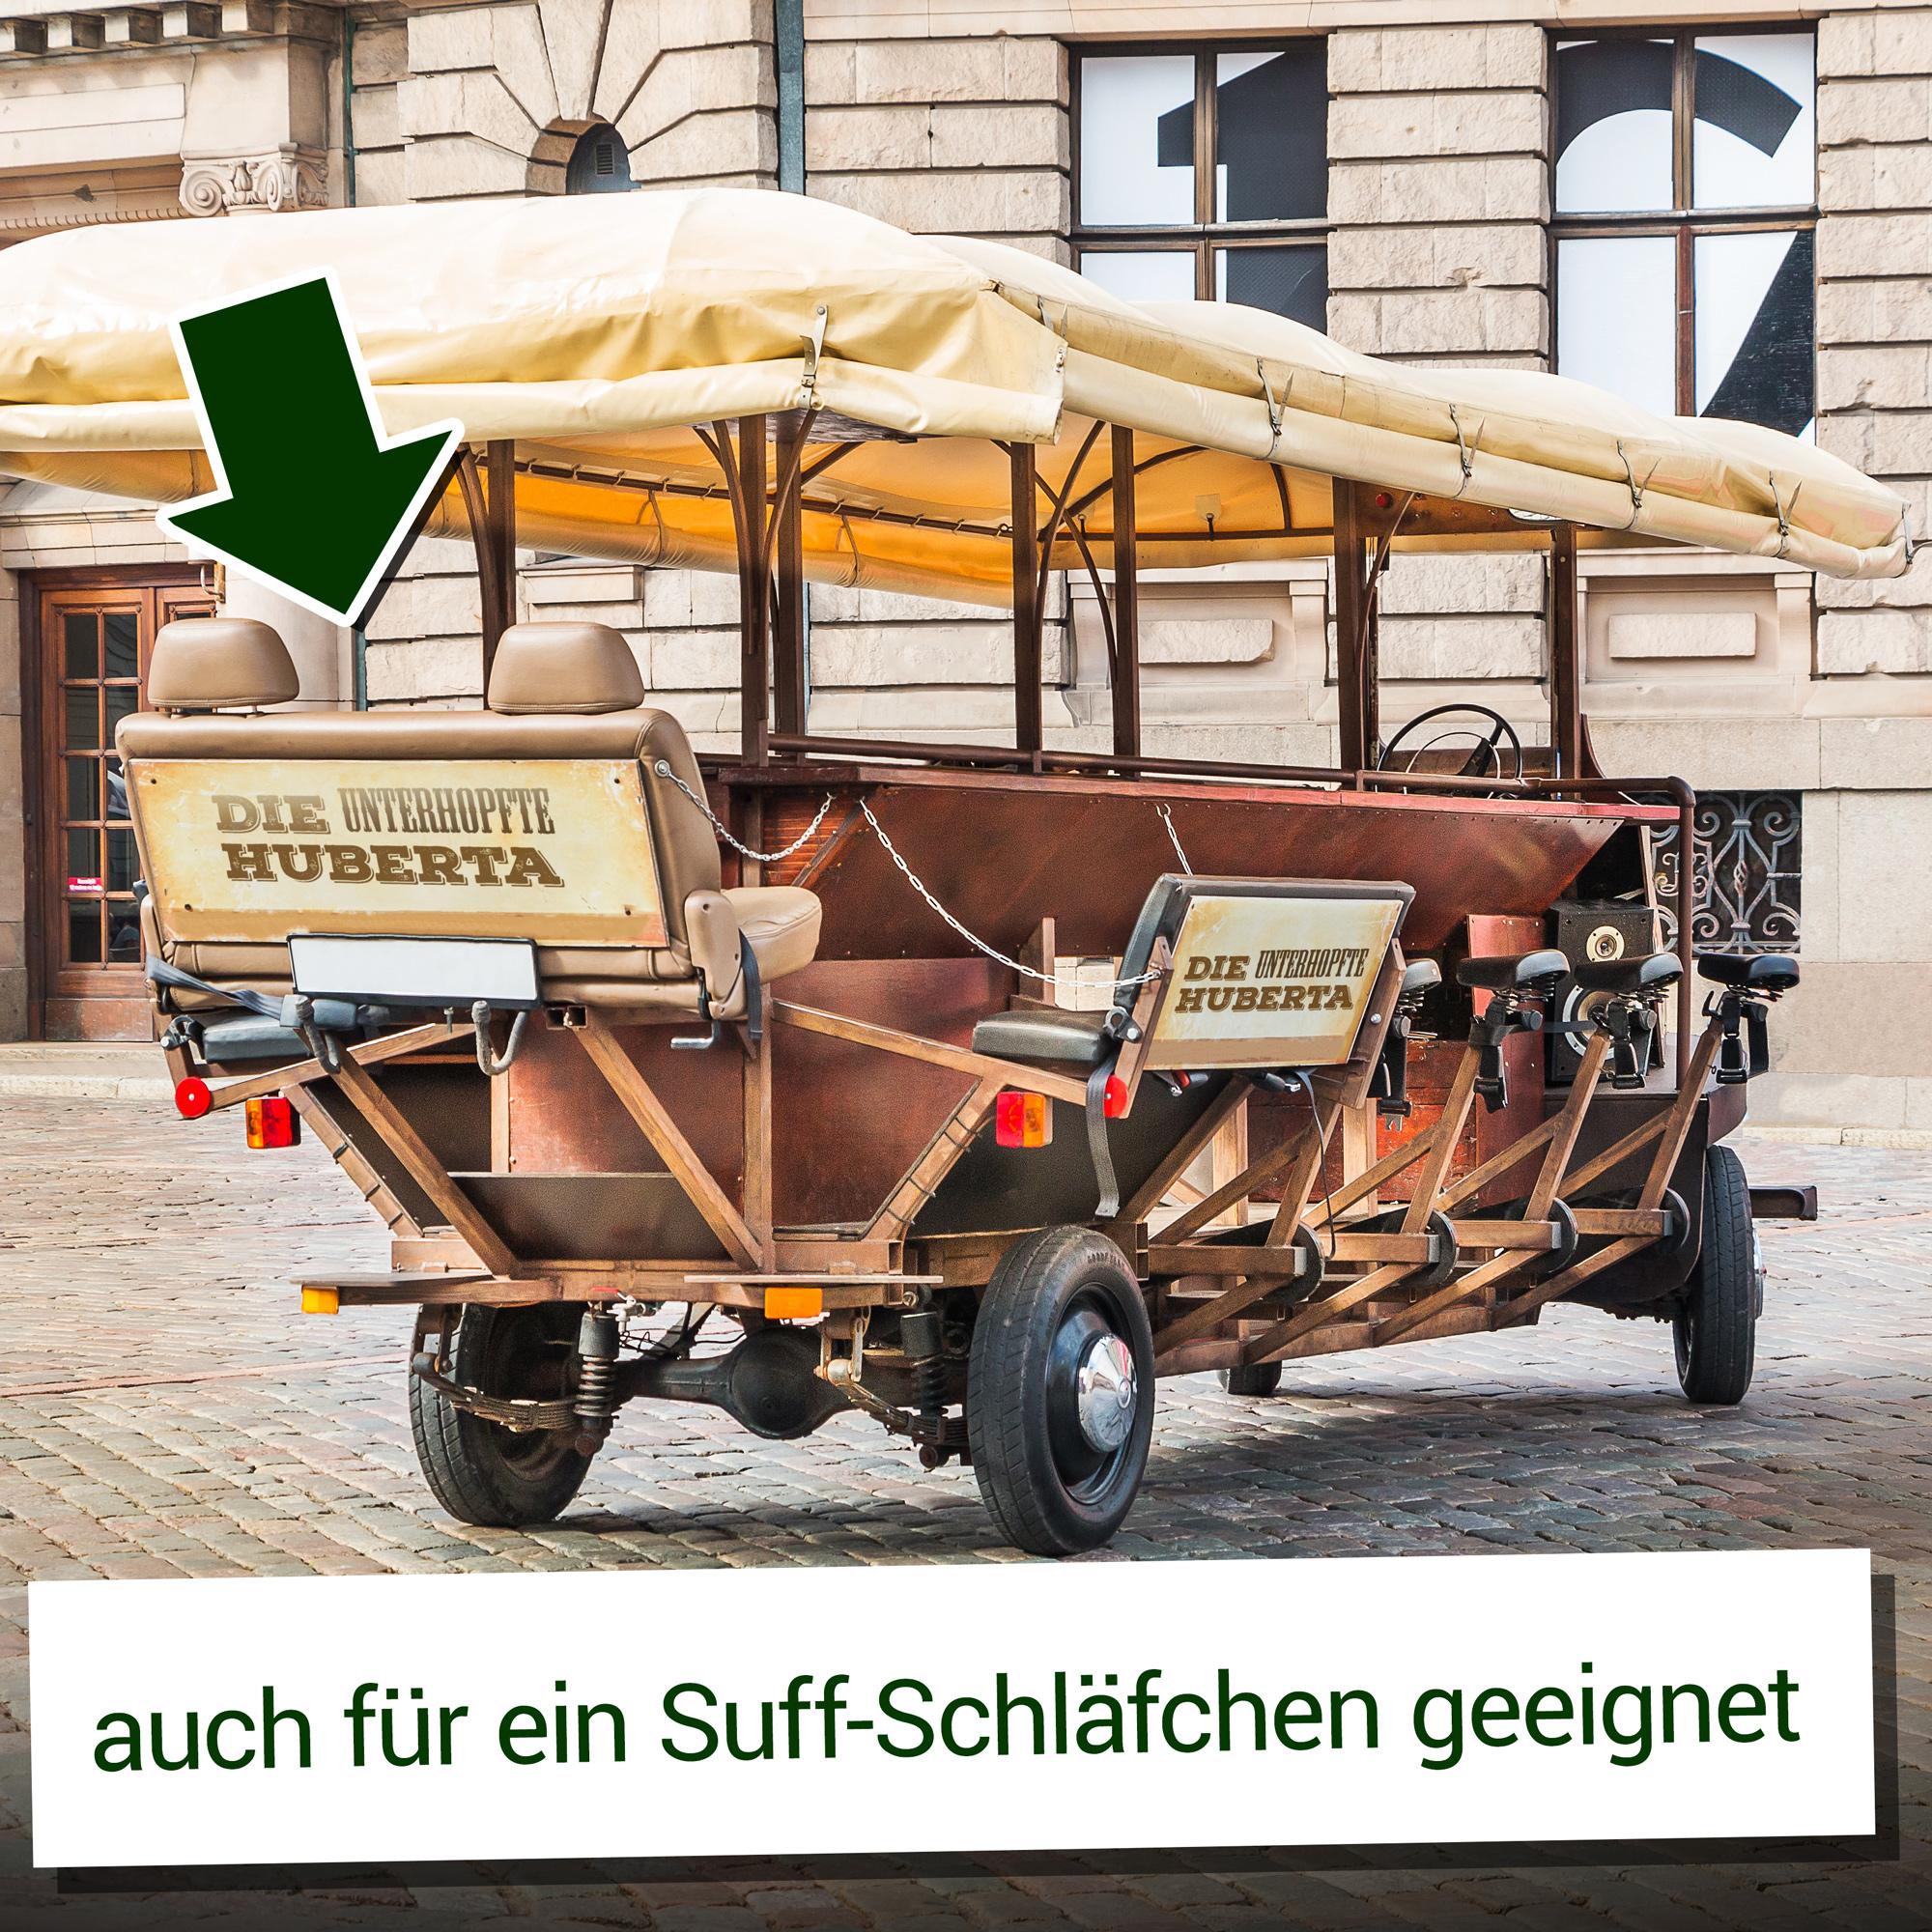 Euer eigenes Bierbike - Thekenfahrrad und Familienkutsche - 6